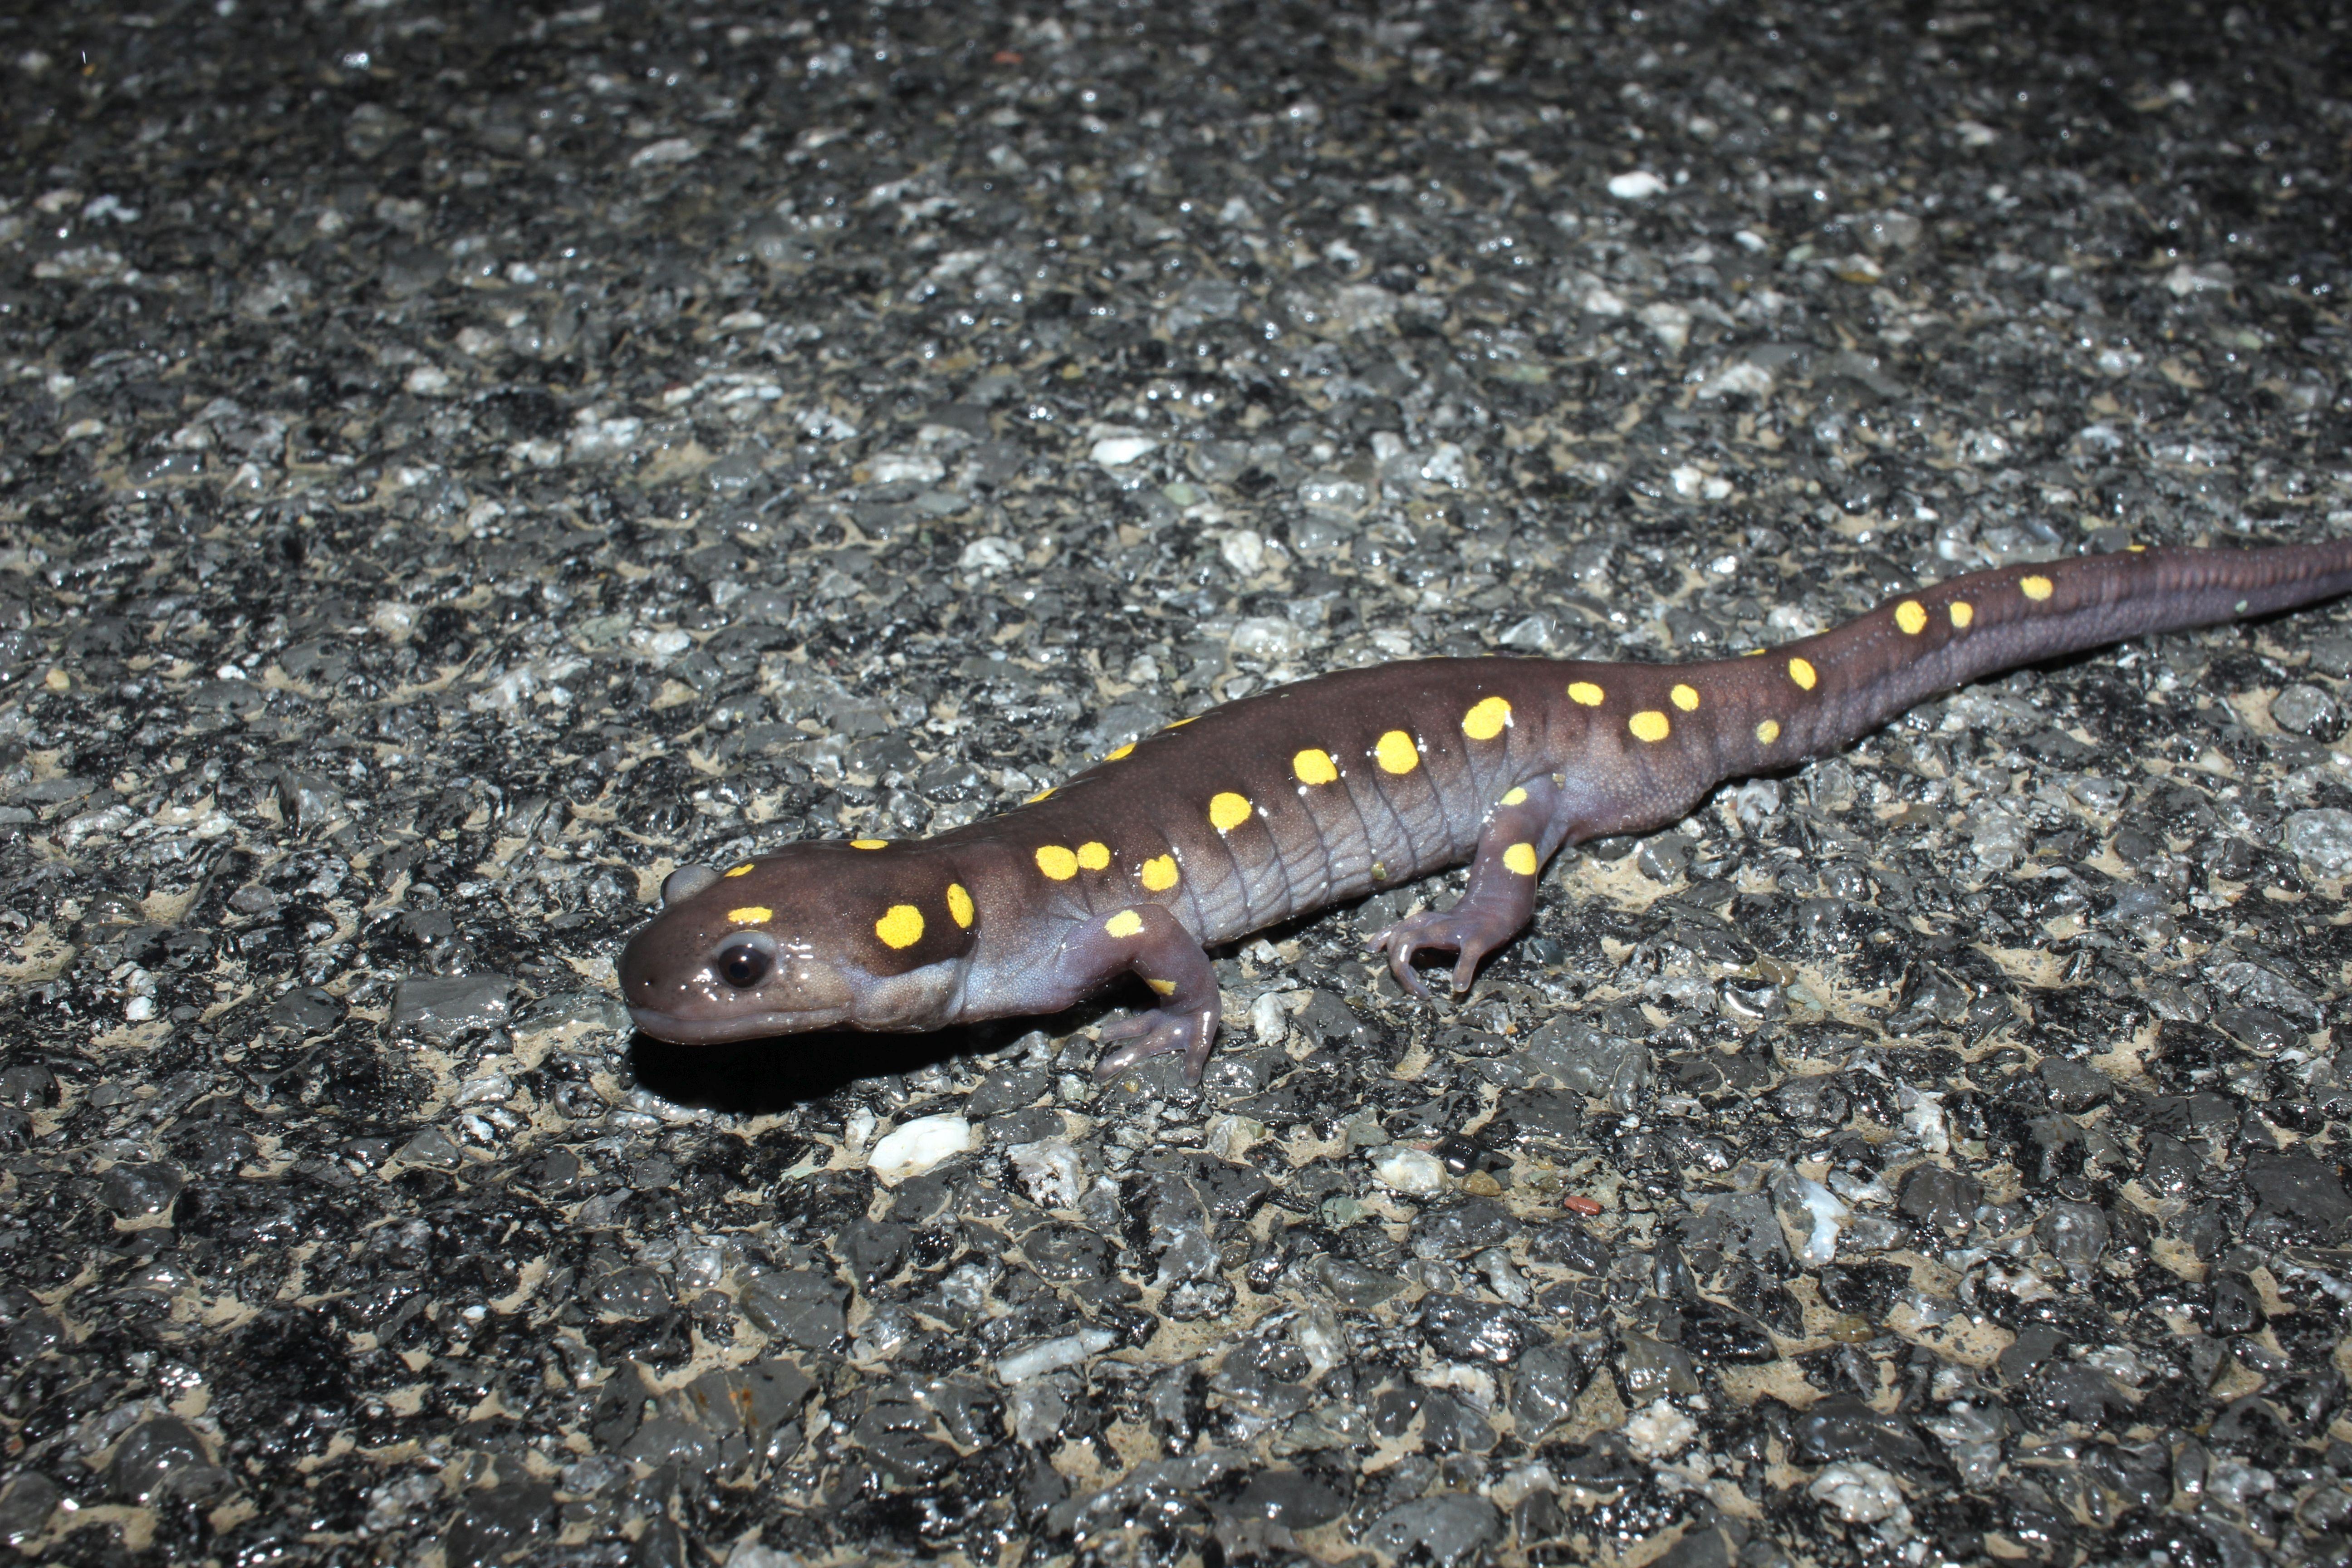 16 spotted salamander dylan